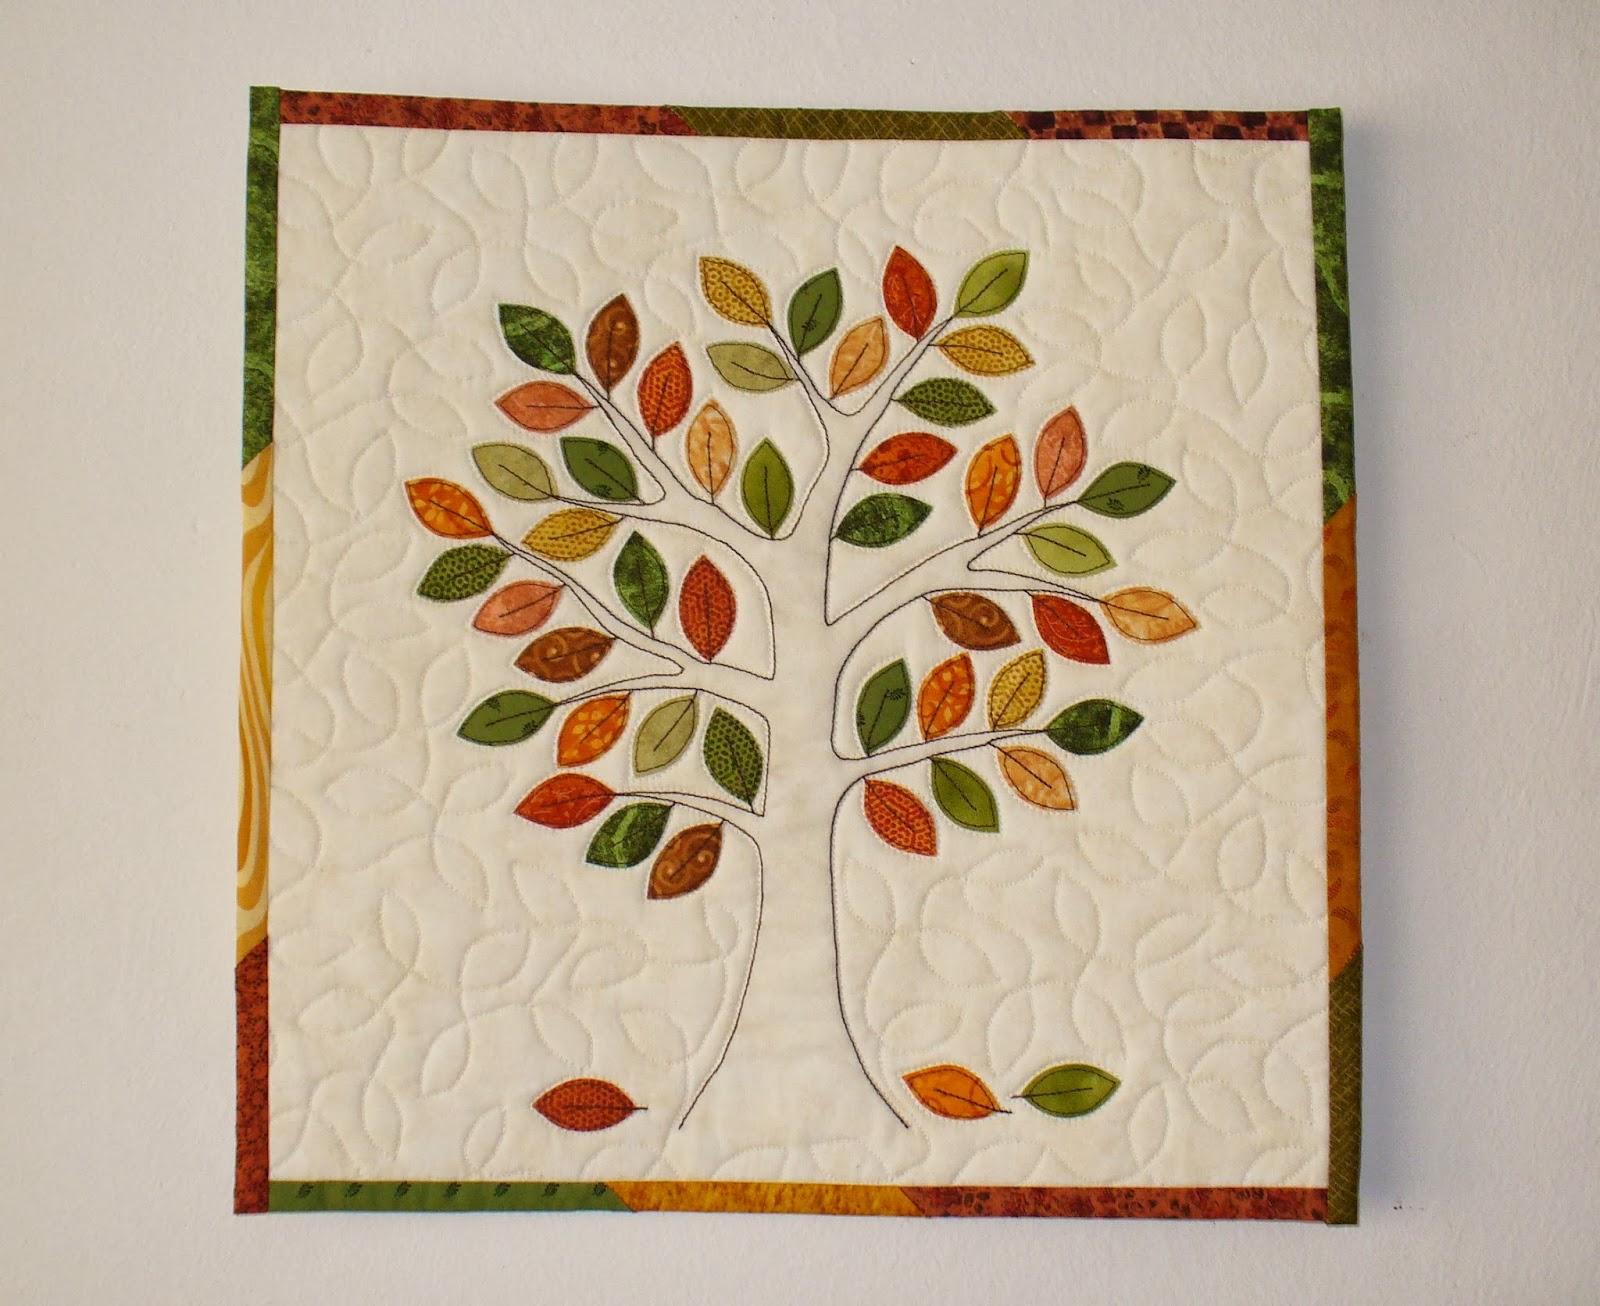 Patchwork and stitchery garden wandbehang richtig h ngen - Wandbehang patchwork ...